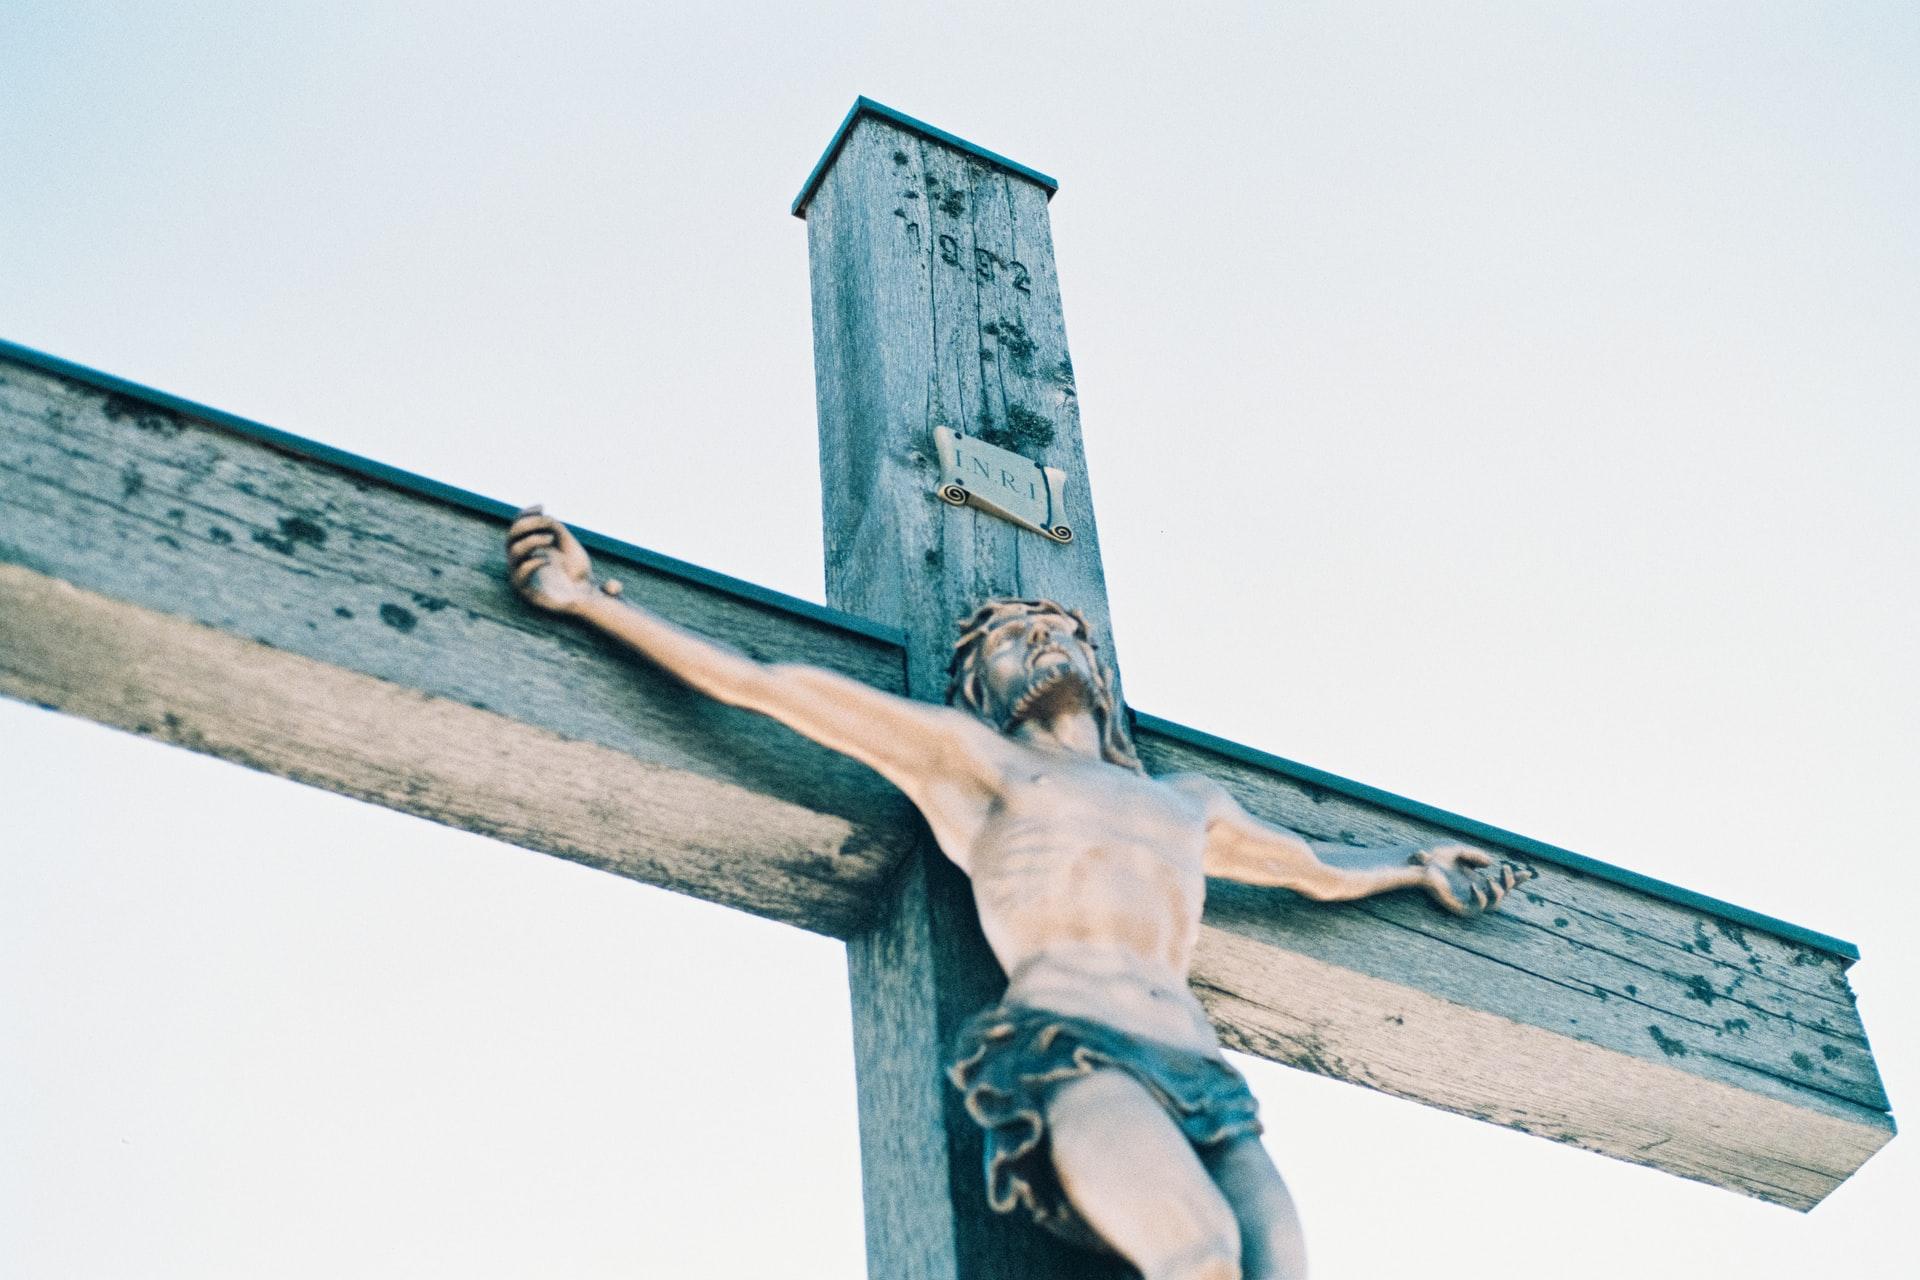 https://e-wiara.pl/modlitwy/litanie/litania-do-najswietszej-krwi-jezusa-chrystusa/